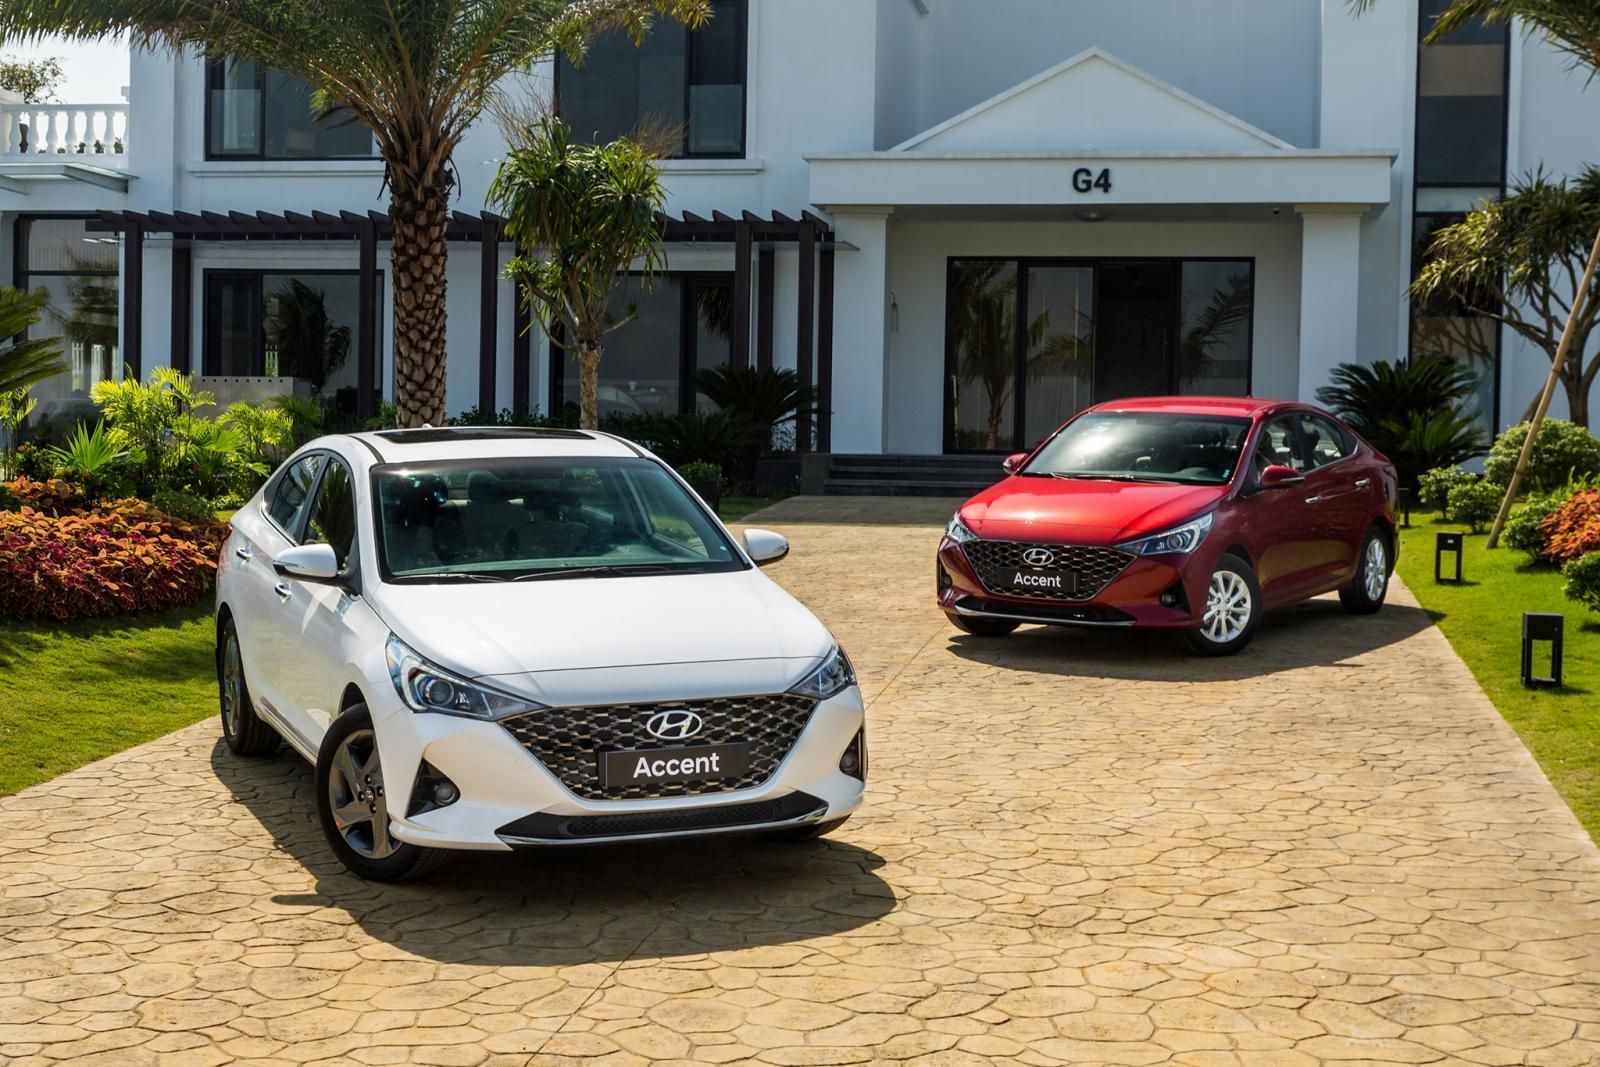 Bảng giá xe Hyundai tháng 5/2021: Giá từ 315 triệu đồng - Ảnh 1.